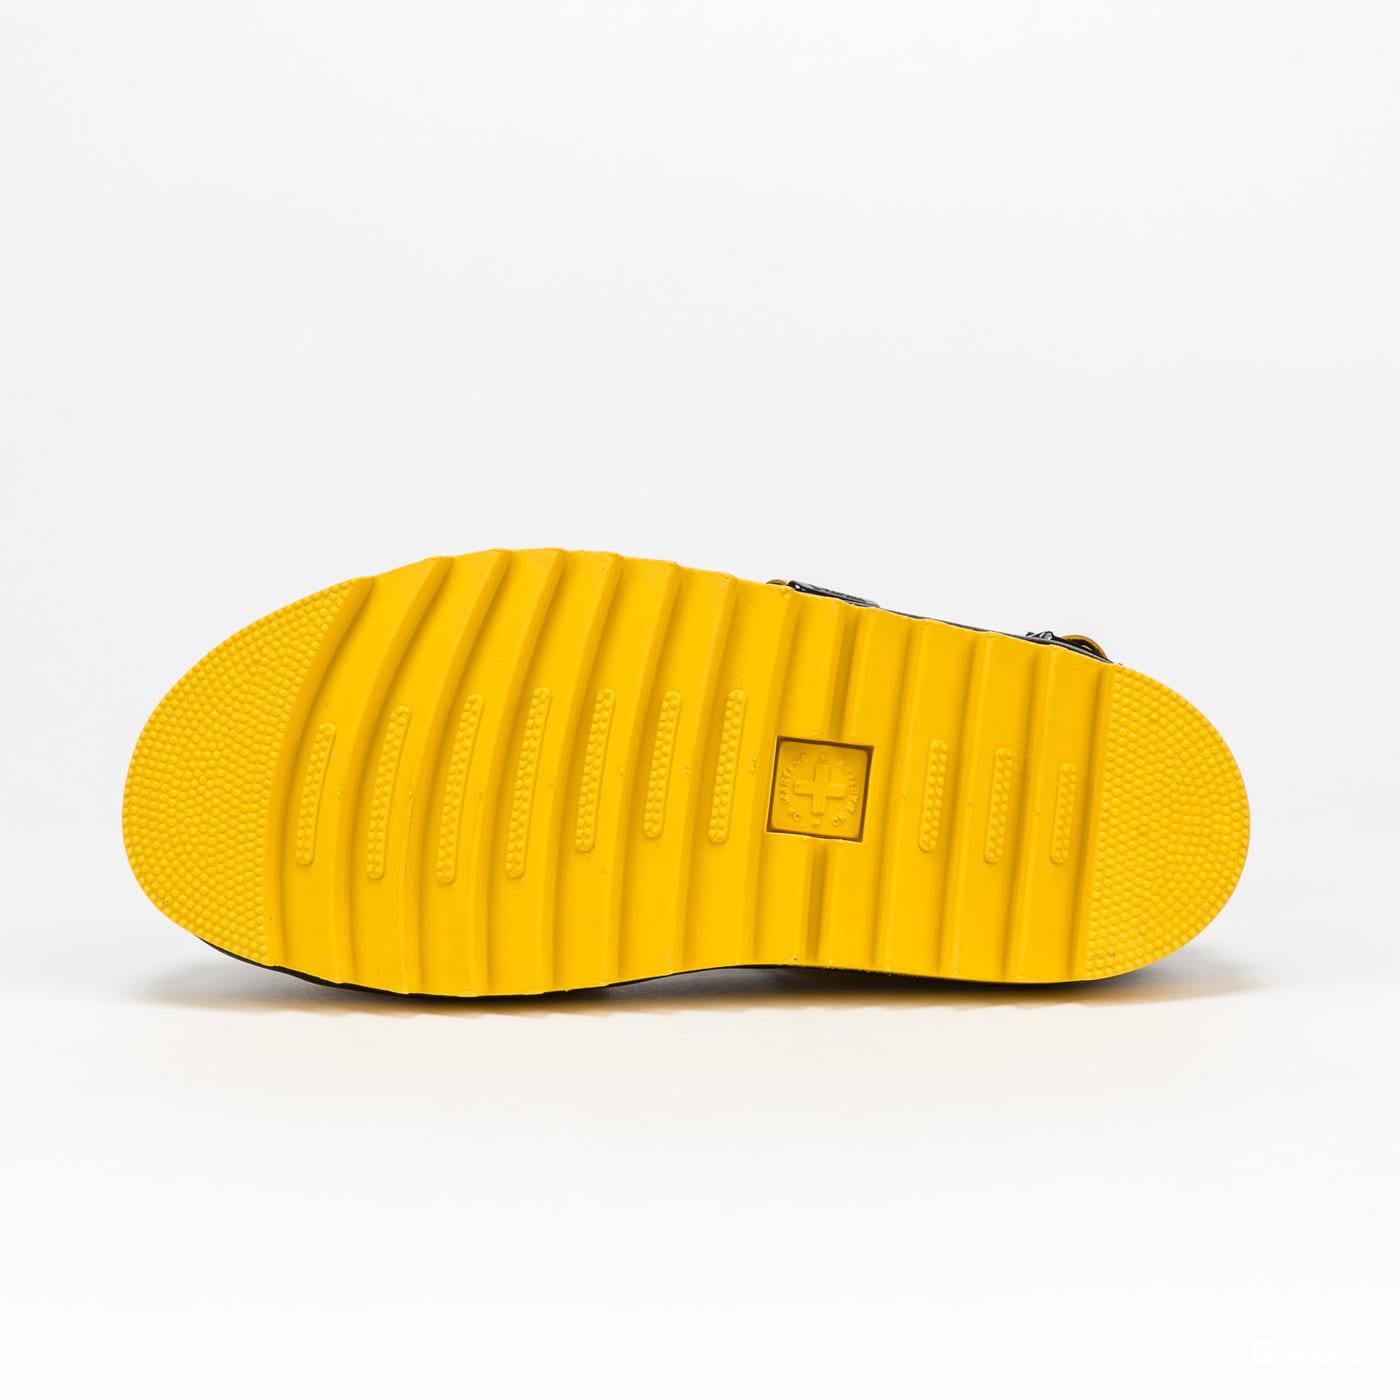 Dr. Martens Voss dms yellow